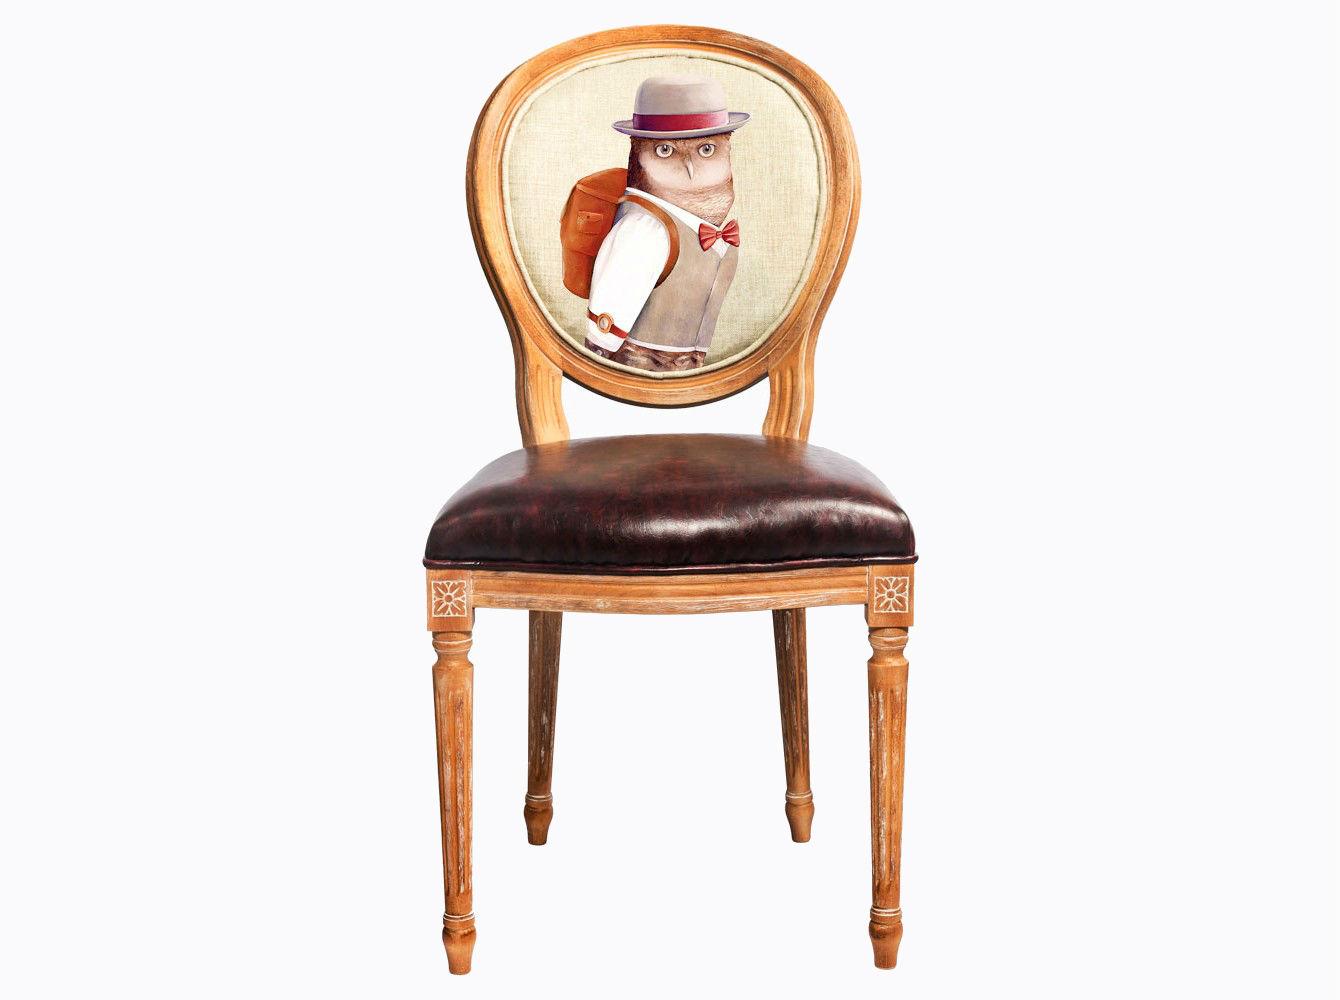 Стул «Мистер Букля»Обеденные стулья<br>&amp;lt;div&amp;gt;Предметы интерьерной коллекции гармоничны в единой теме, призванной заявить Ваш вкус и подчеркнуть авторскую индивидуальность. В этом помогут неожиданные сюжеты, сказочные герои, выразительные цвета и… ограниченные тиражи, уверяющие Вас в неповторимости собственных интерьеров.&amp;lt;/div&amp;gt;&amp;lt;div&amp;gt;&amp;quot;Мистер Букля&amp;quot; - универсальное, но отборное решение гостиной, столовой, спальни, кабинета, холла и детской комнаты. Дизайн стула создан эффектом экстравагантных контрастных сочетаний.&amp;amp;nbsp;&amp;lt;br&amp;gt;&amp;lt;/div&amp;gt;&amp;lt;div&amp;gt;Блестящее шоколадное сиденье объединилось со светло-бежевой льняной спинкой, а королевский силуэт эпохи Луи-Филиппа - с рисунком в жанре современного фэнтези.&amp;amp;nbsp;&amp;lt;/div&amp;gt;&amp;lt;div&amp;gt;&amp;lt;br&amp;gt;&amp;lt;/div&amp;gt;&amp;lt;div&amp;gt;Корпус изготовлен из натурального бука.&amp;amp;nbsp;&amp;lt;/div&amp;gt;&amp;lt;div&amp;gt;Материал: бук, экокожа, лен, хлопок&amp;lt;br&amp;gt;&amp;lt;/div&amp;gt;&amp;lt;div&amp;gt;&amp;lt;br&amp;gt;&amp;lt;/div&amp;gt;<br>&amp;lt;iframe width=&amp;quot;530&amp;quot; height=&amp;quot;315&amp;quot; src=&amp;quot;https://www.youtube.com/embed/3vitXSFtUrE&amp;quot; frameborder=&amp;quot;0&amp;quot; allowfullscreen=&amp;quot;&amp;quot;&amp;gt;&amp;lt;/iframe&amp;gt;<br><br>Material: Дерево<br>Ширина см: 47<br>Высота см: 98<br>Глубина см: 50